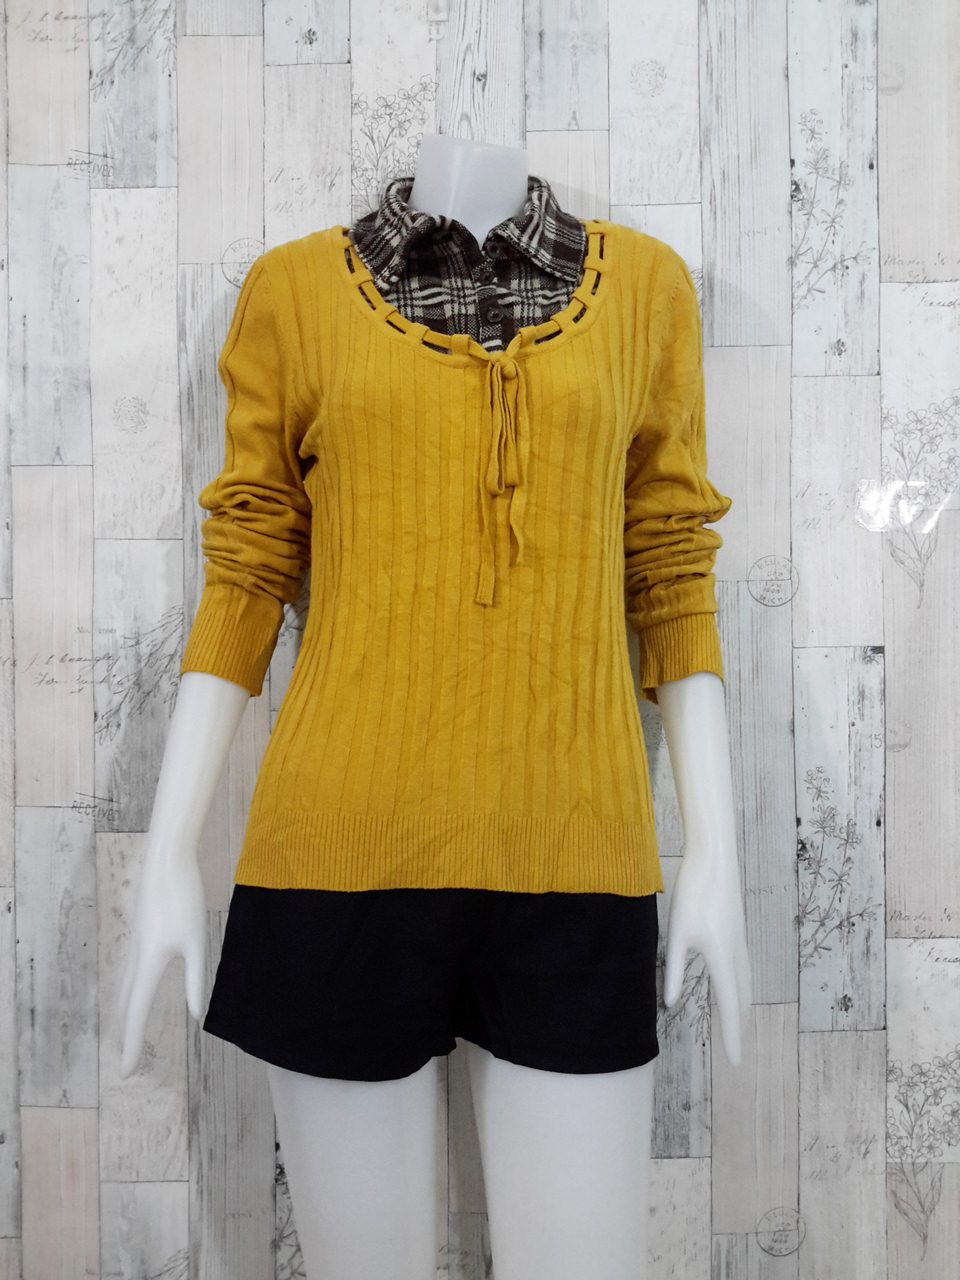 **สินค้าหมด Blouse3523 2nd hand clothes เสื้อไหมพรมร่อง(เนื้อหนามีน้ำหนัก) แขนยาว สีพื้นเหลืองมัสตาร์ด แต่งคอปกเชิ้ตลายสก็อต